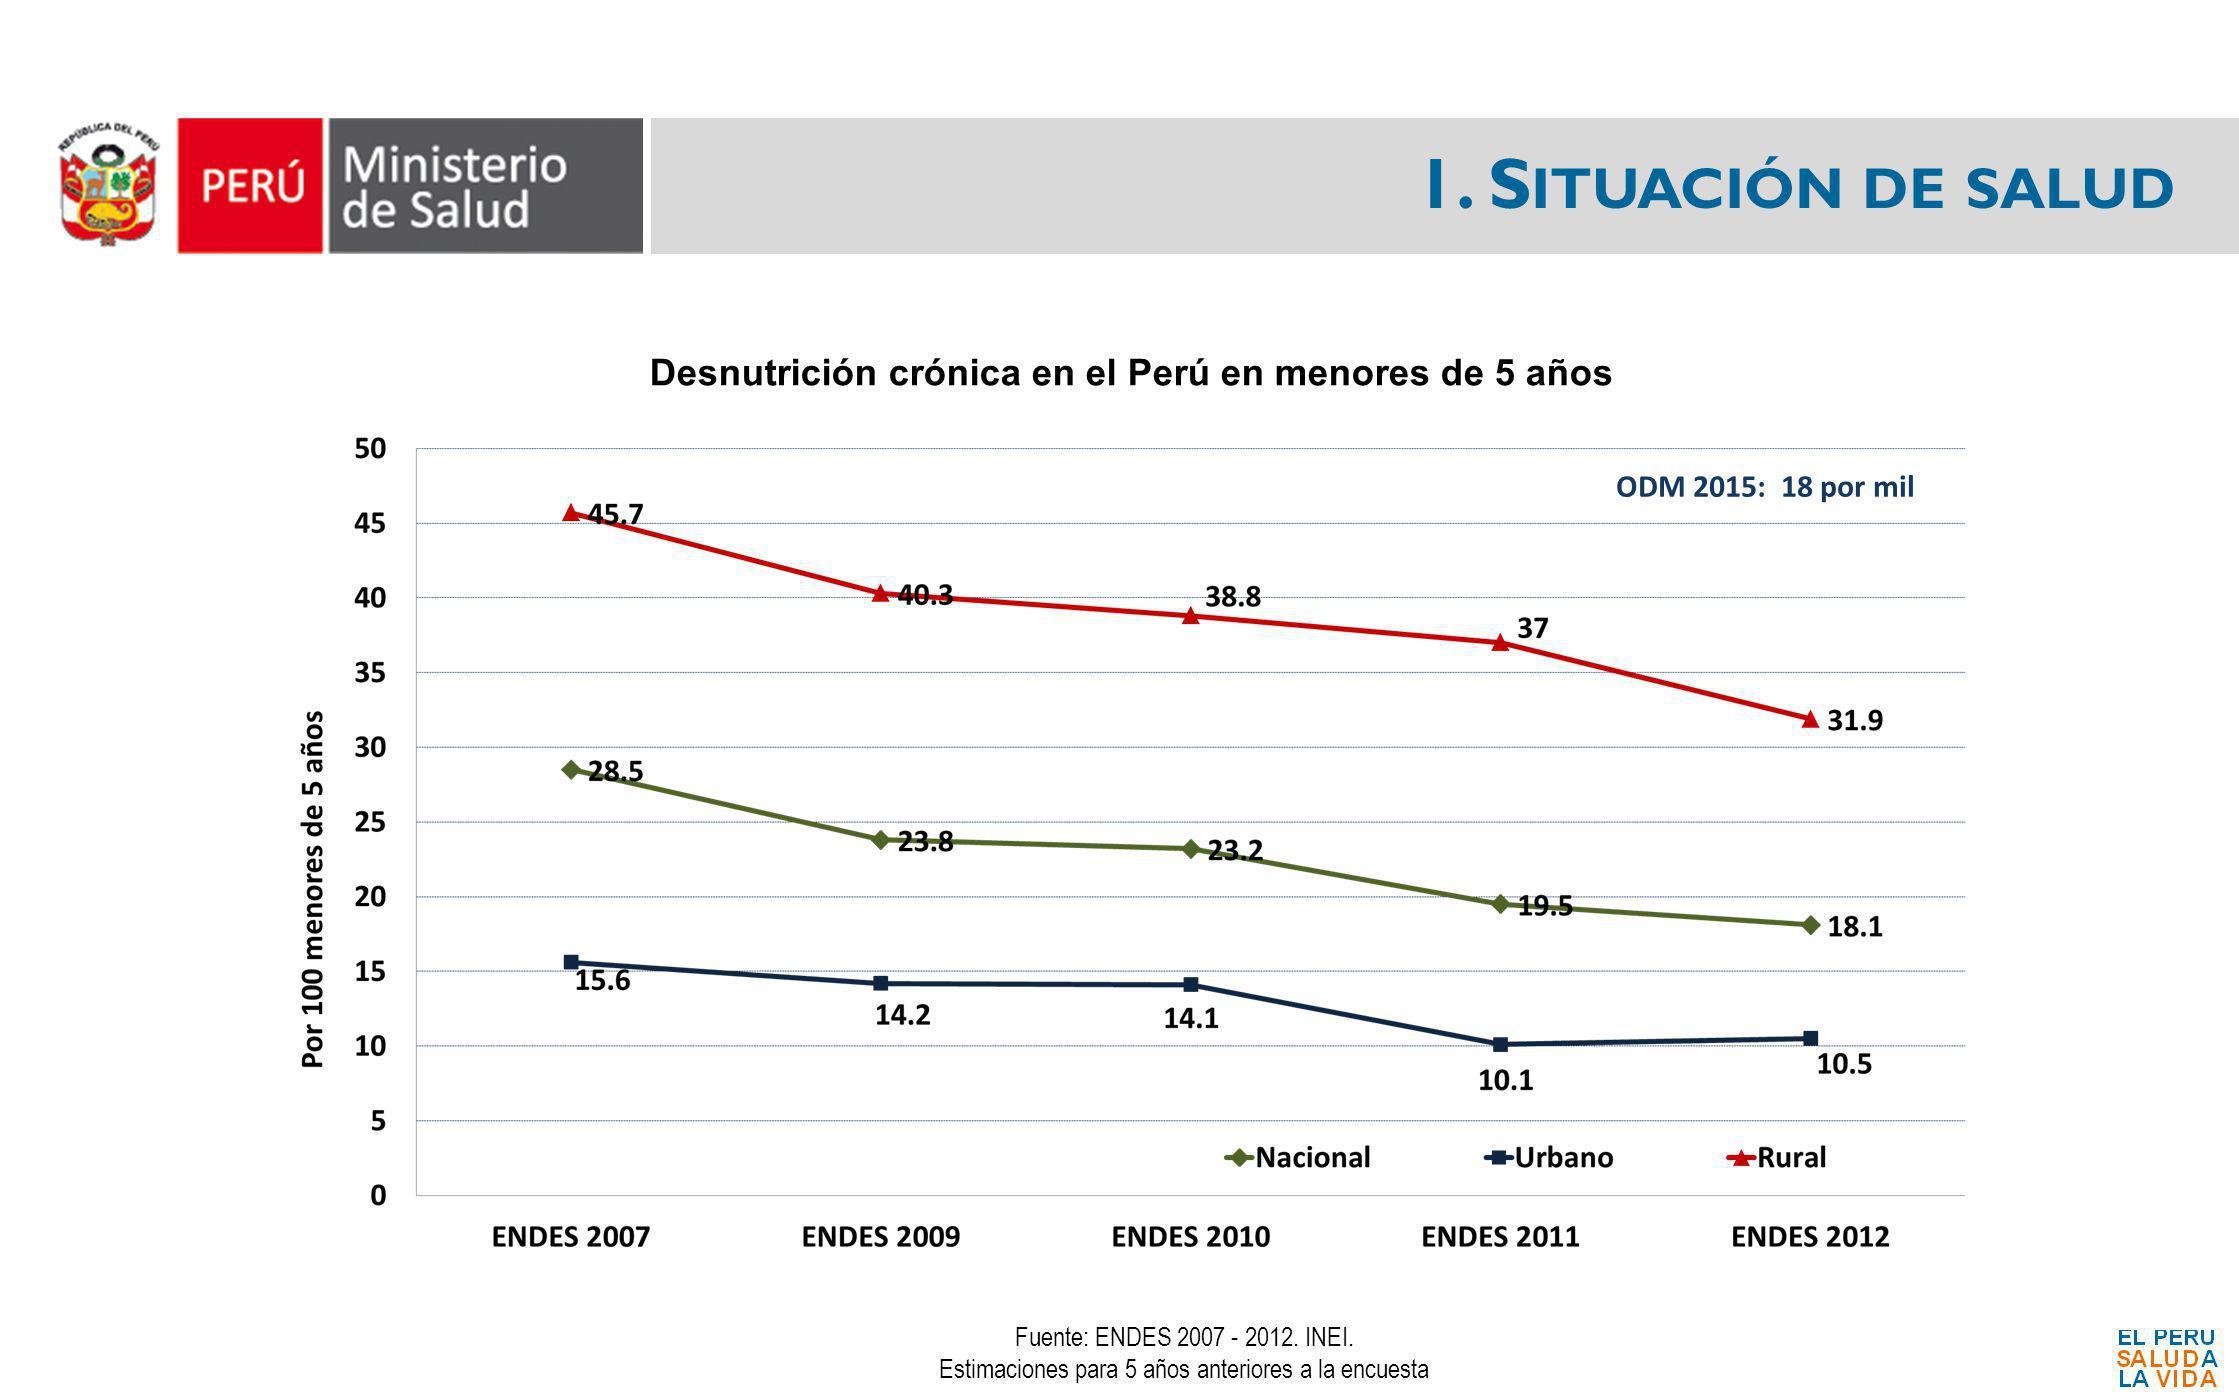 1. S ITUACIÓN DE SALUD Desnutrición crónica en el Perú en menores de 5 años Fuente: ENDES 2007 - 2012. INEI. Estimaciones para 5 años anteriores a la